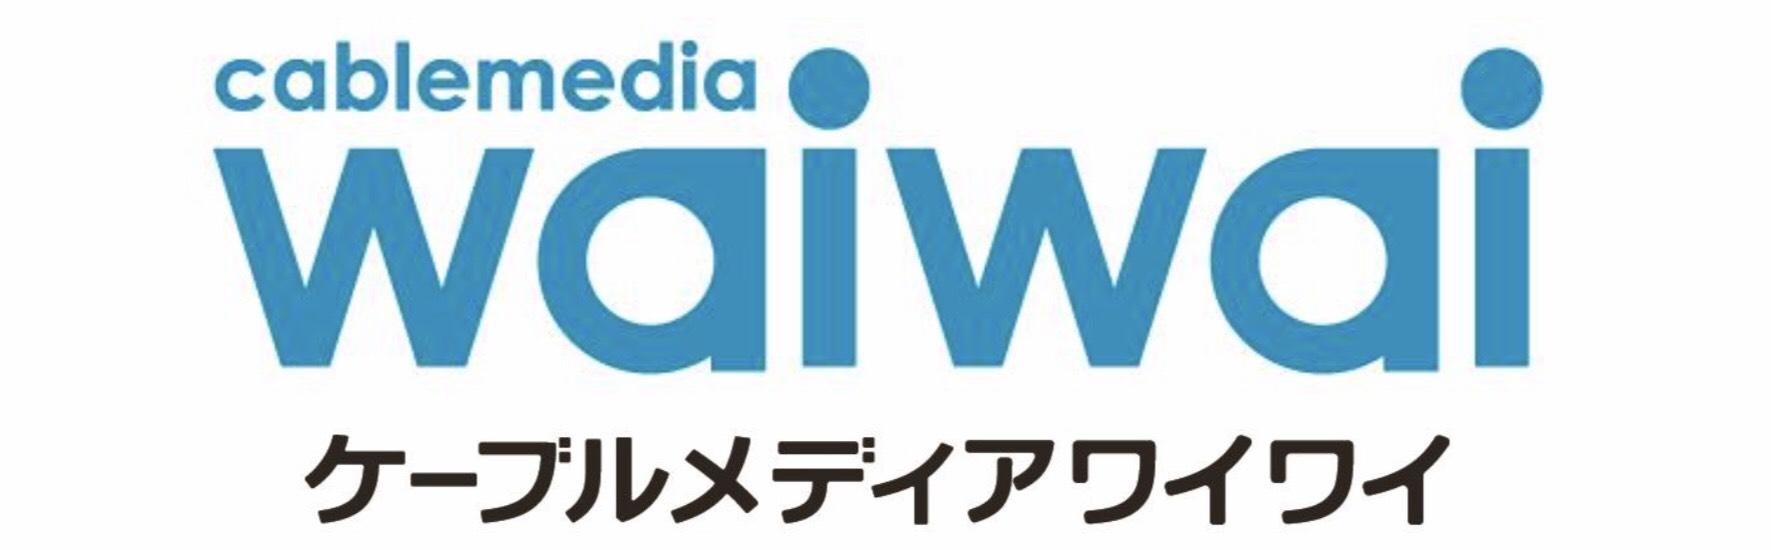 ケーブルメディアワイワイ